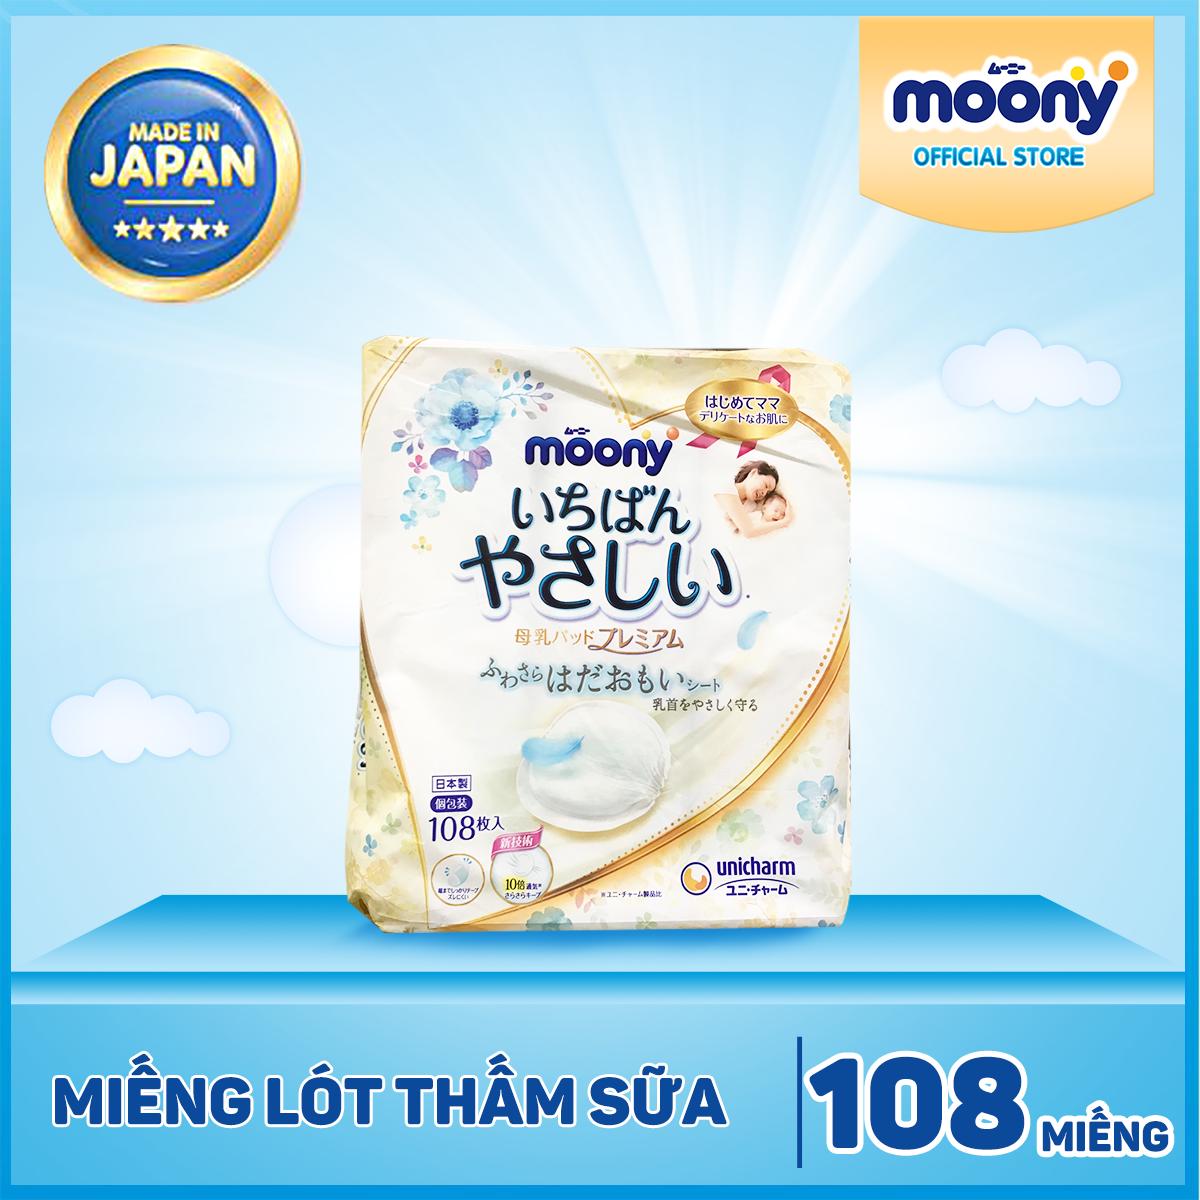 MẪU MỚI 2020 - Hộp 108 Miếng Lót Thấm Sữa Moony Cho Mẹ Siêu Tiết Kiệm Siêu Khuyến Mãi